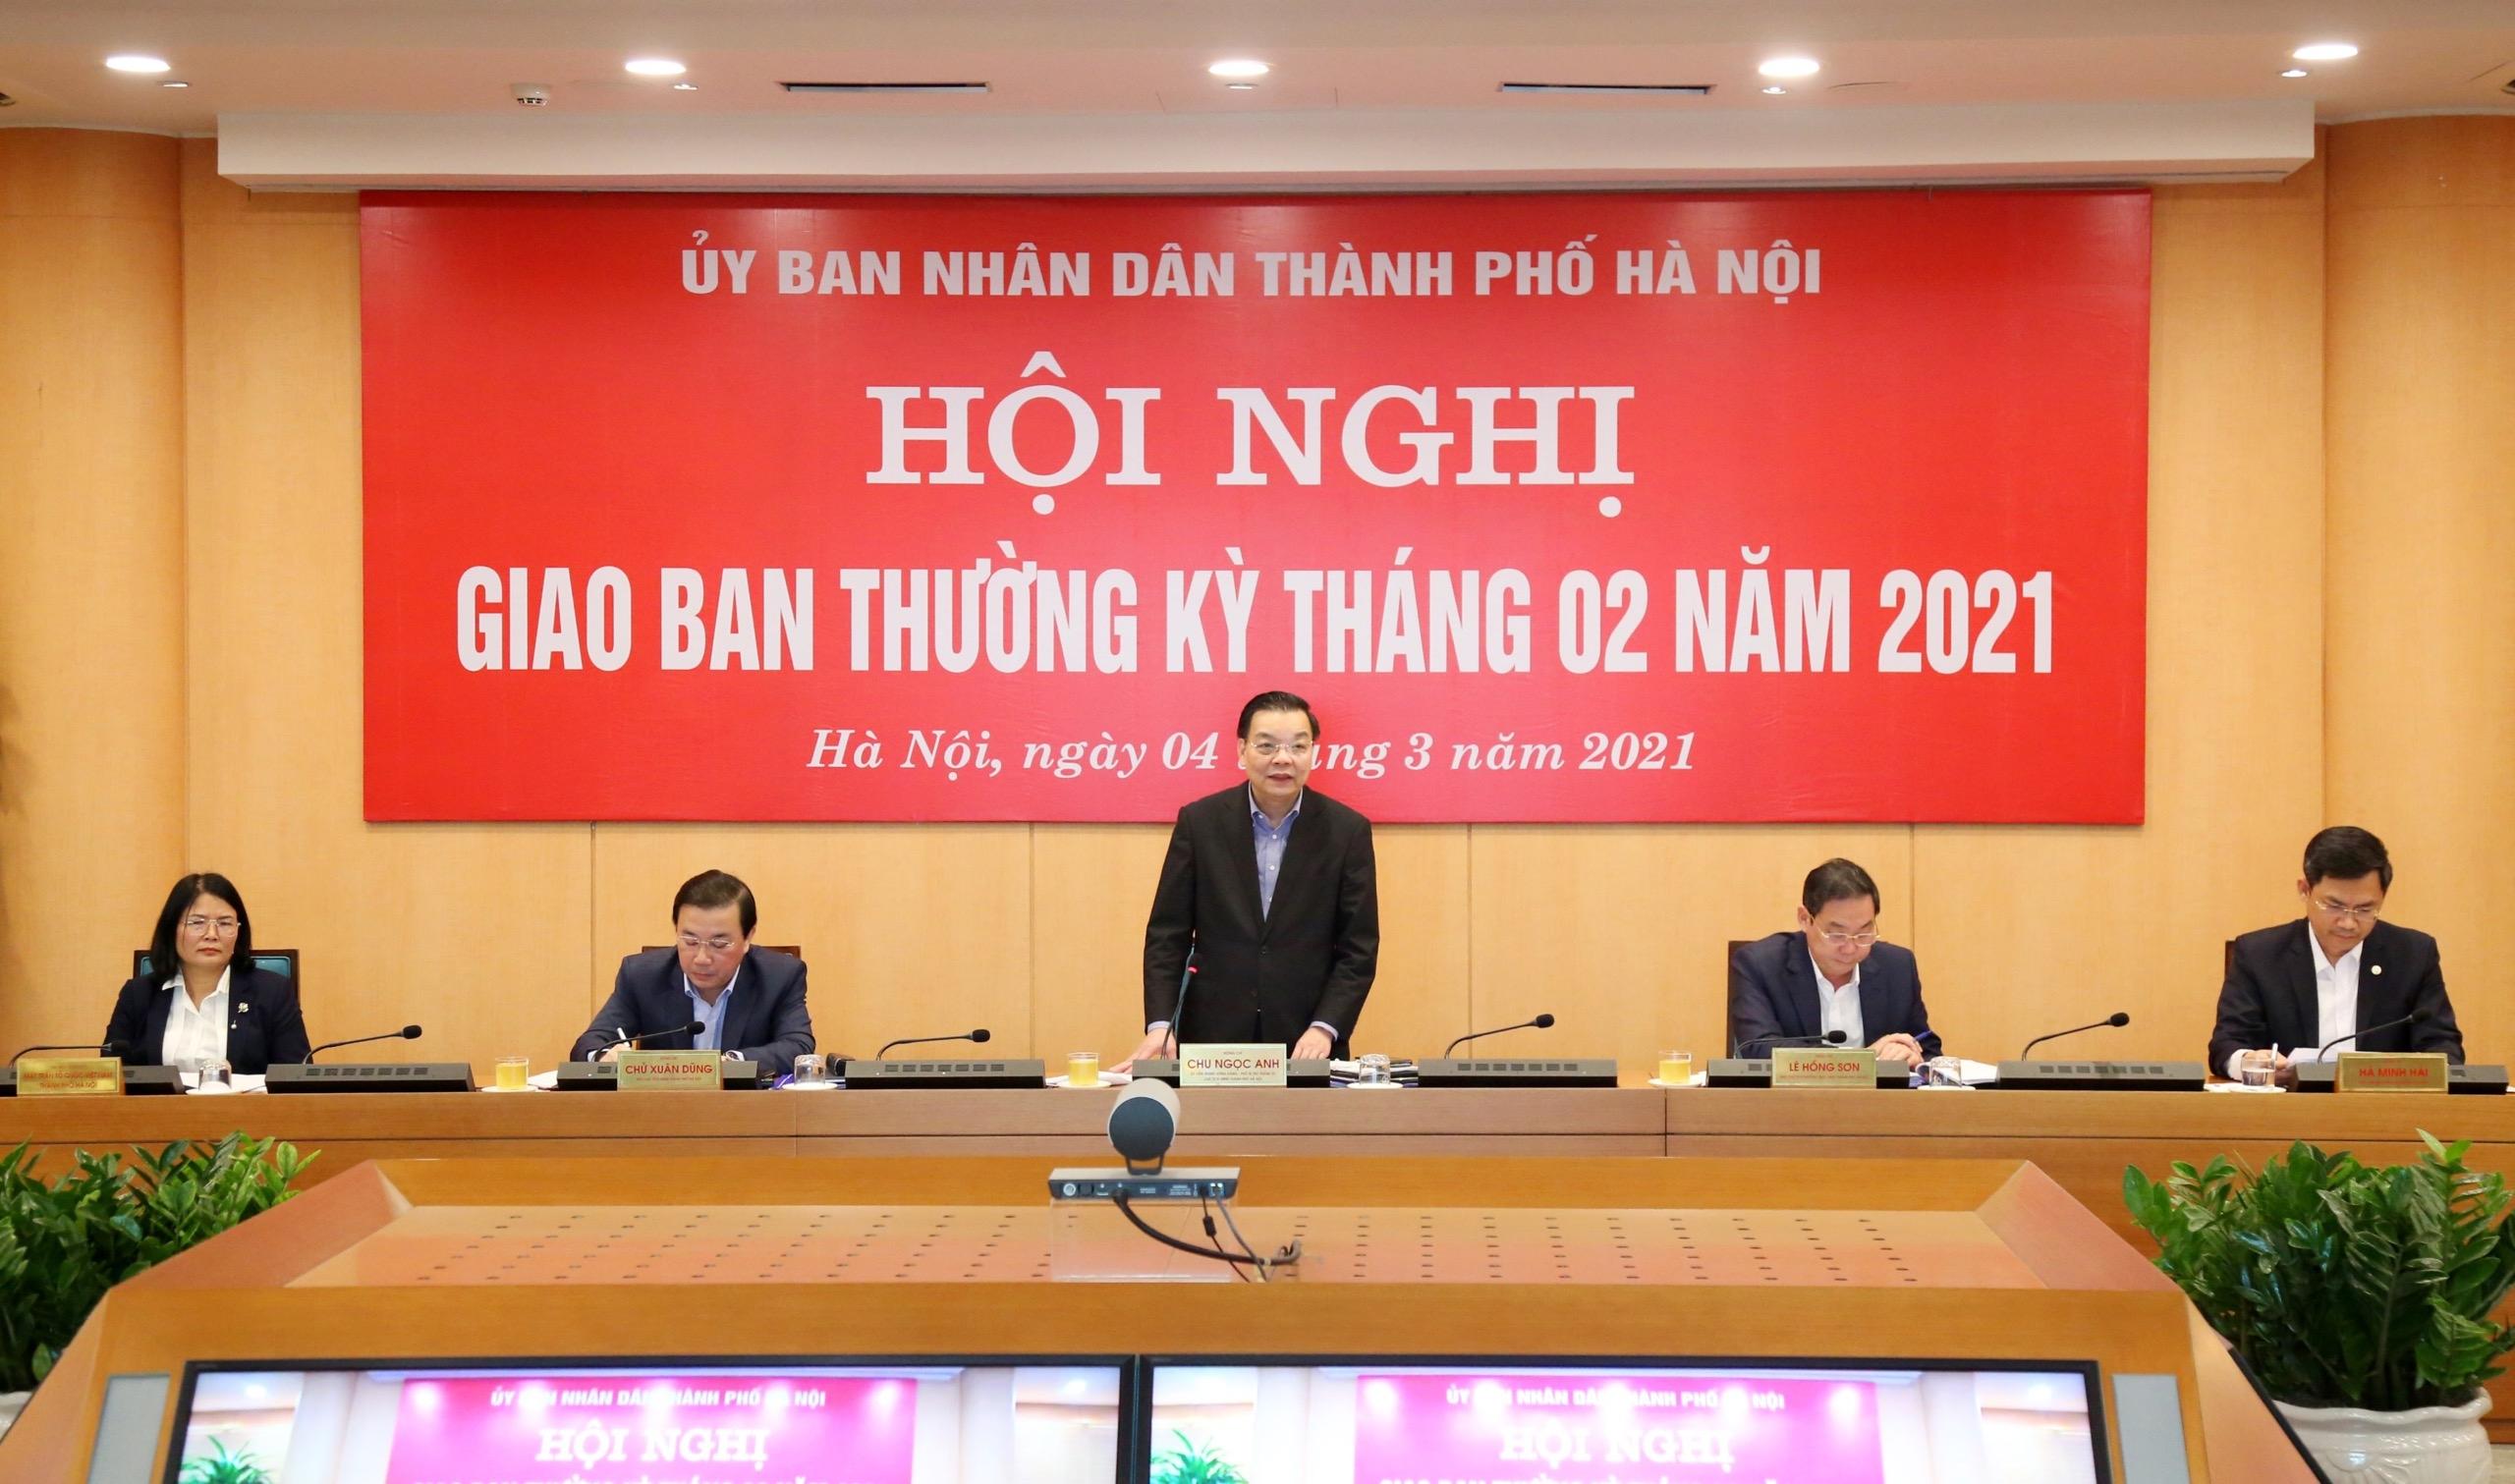 Hà Nội: Nỗ lực phục hồi và phát triển kinh tế sau ảnh hưởng của dịch Covid-19